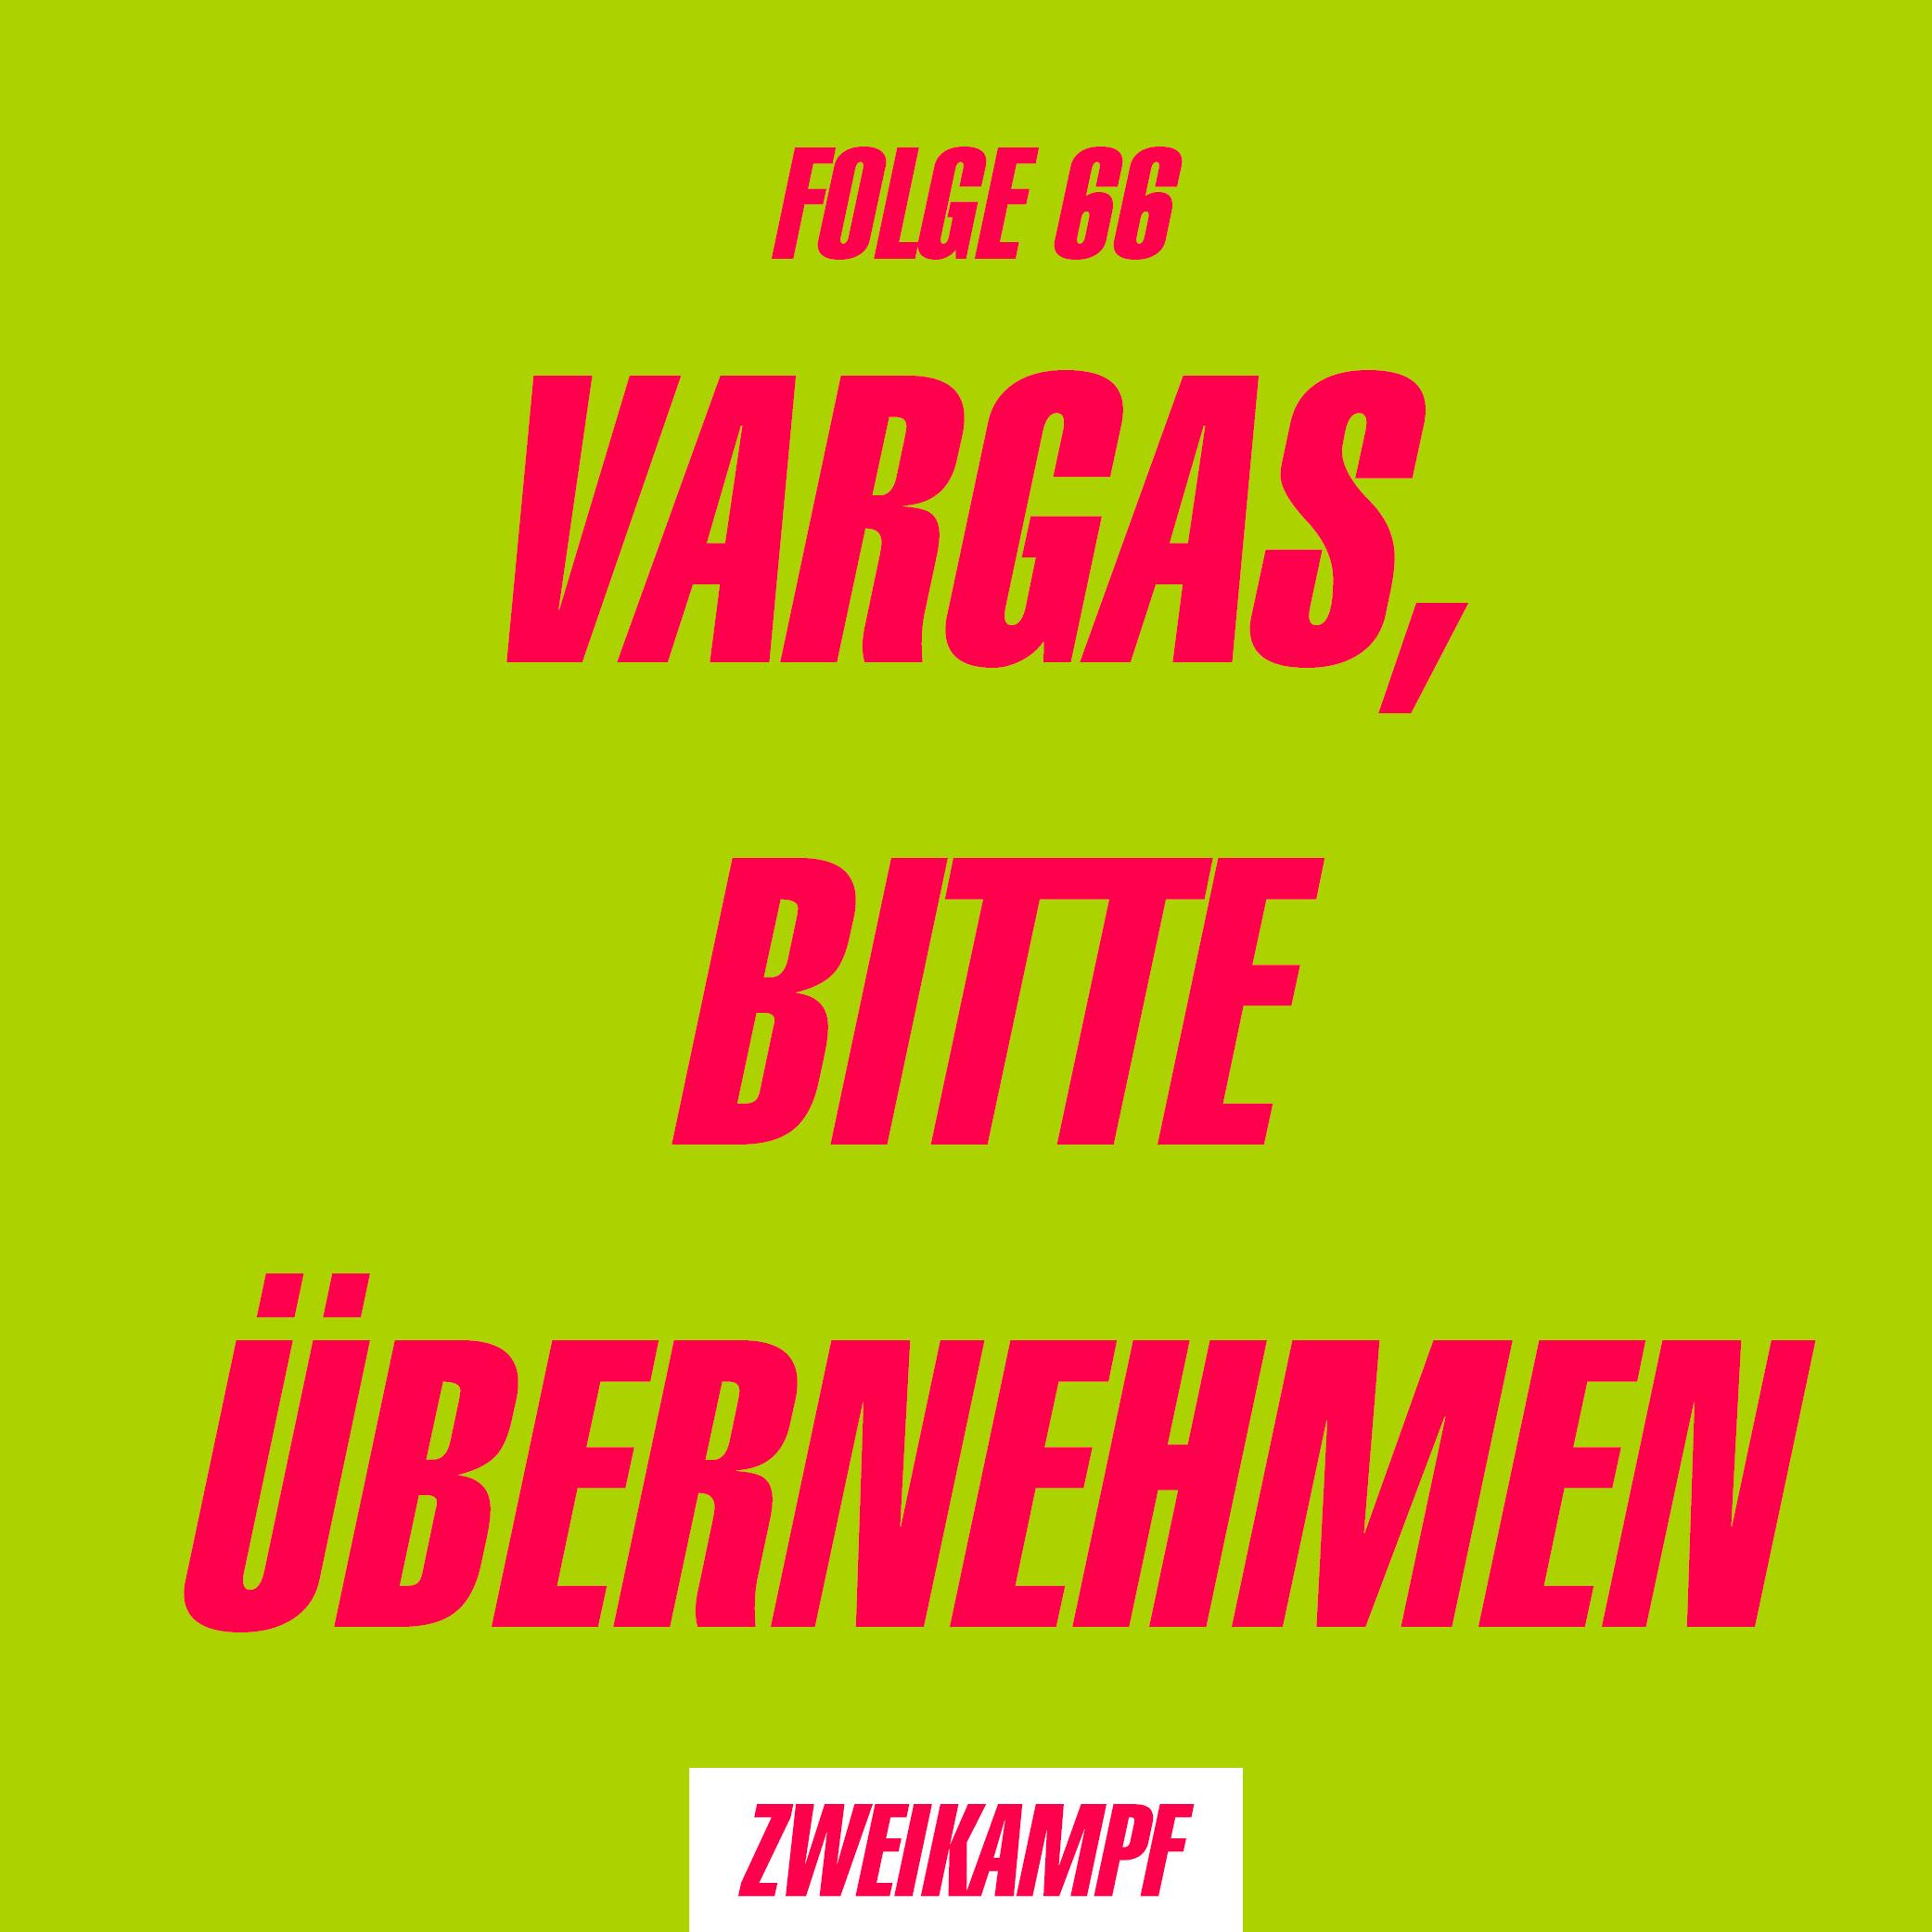 Folge 66: Vargas, bitte übernehmen